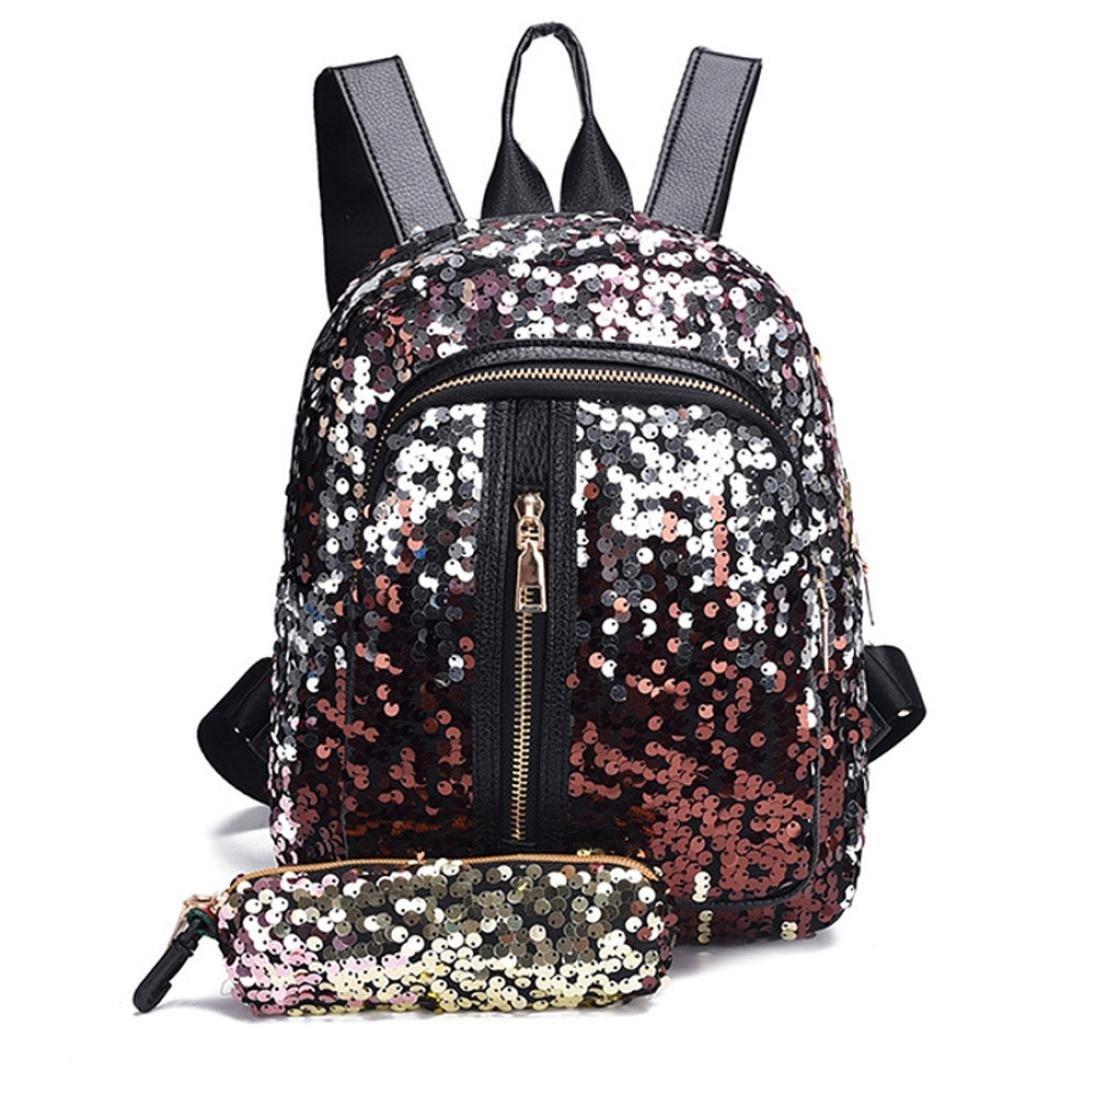 Vacally Girl Sequins School Travel Backpack 2 Pcs Shoulder Bag+Clutch Wallet (Blue)